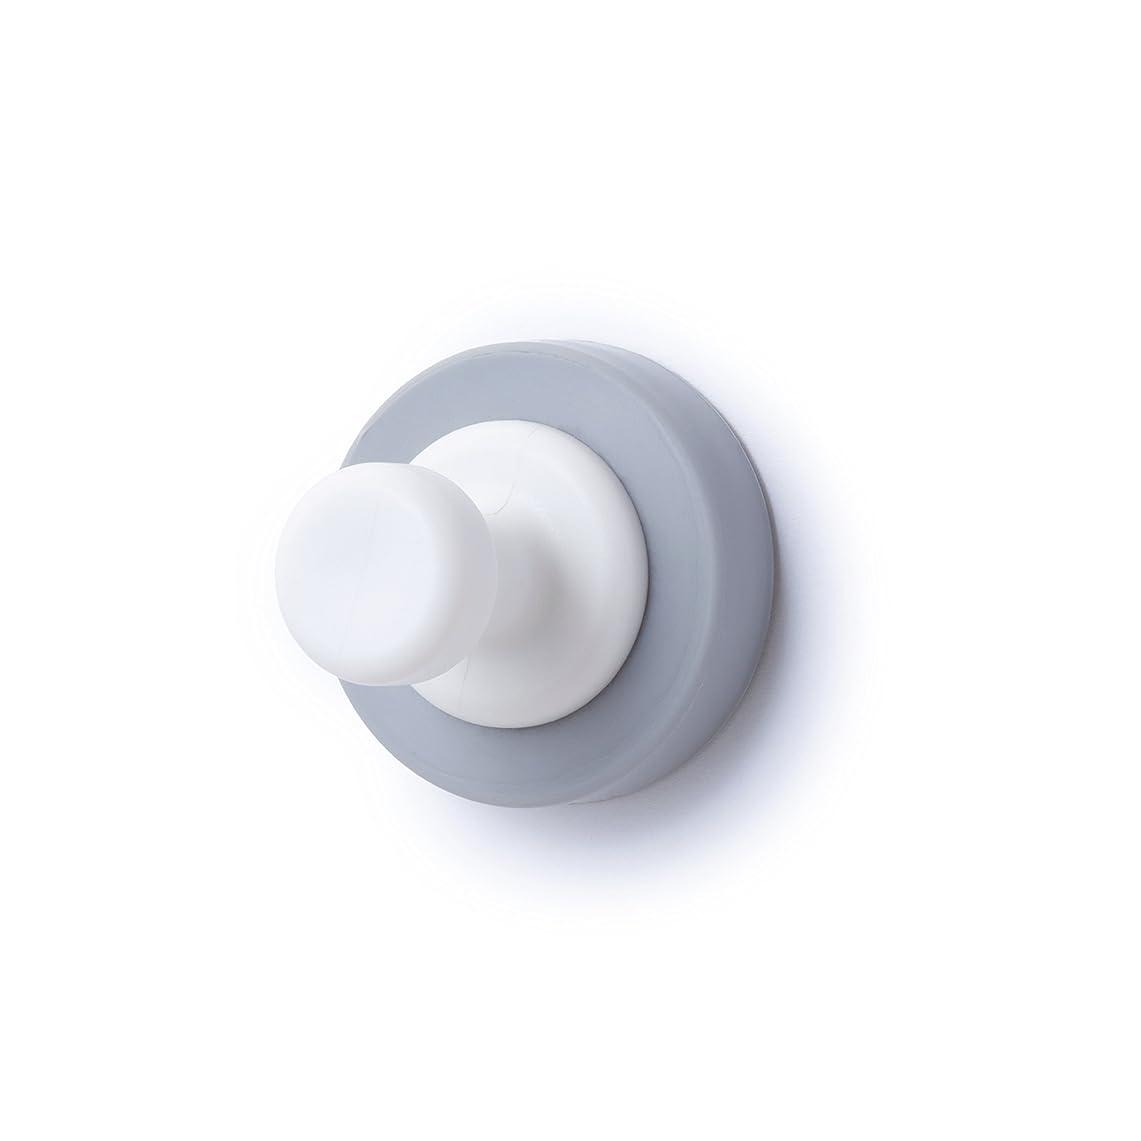 資格情報トラフィック作成するマグエバー(mAGEVER) シリコンマグネット ホワイト 直径3.1×厚み2.8cm iフック